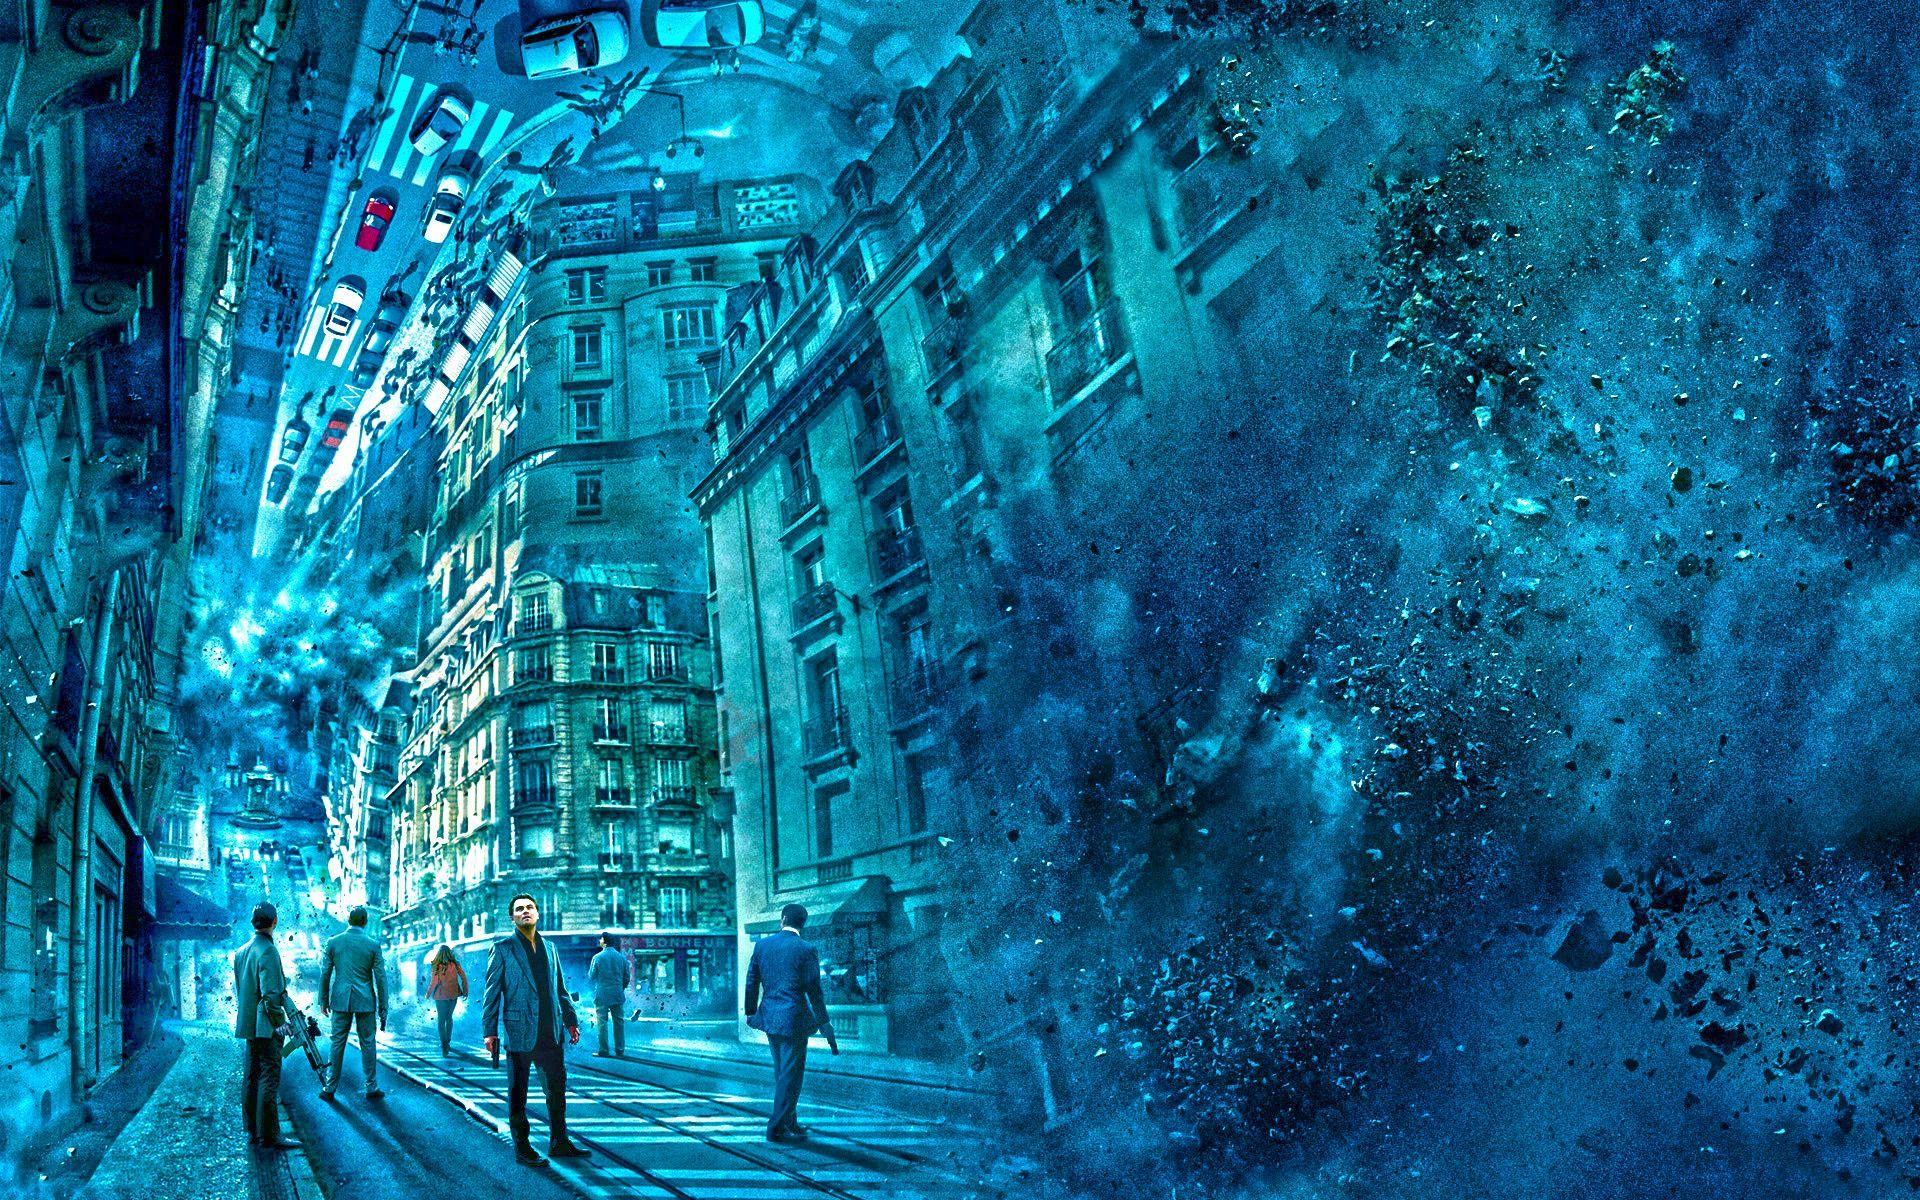 Movie Inception Wallpaper Captain America Photos Inception Movie City Wallpaper